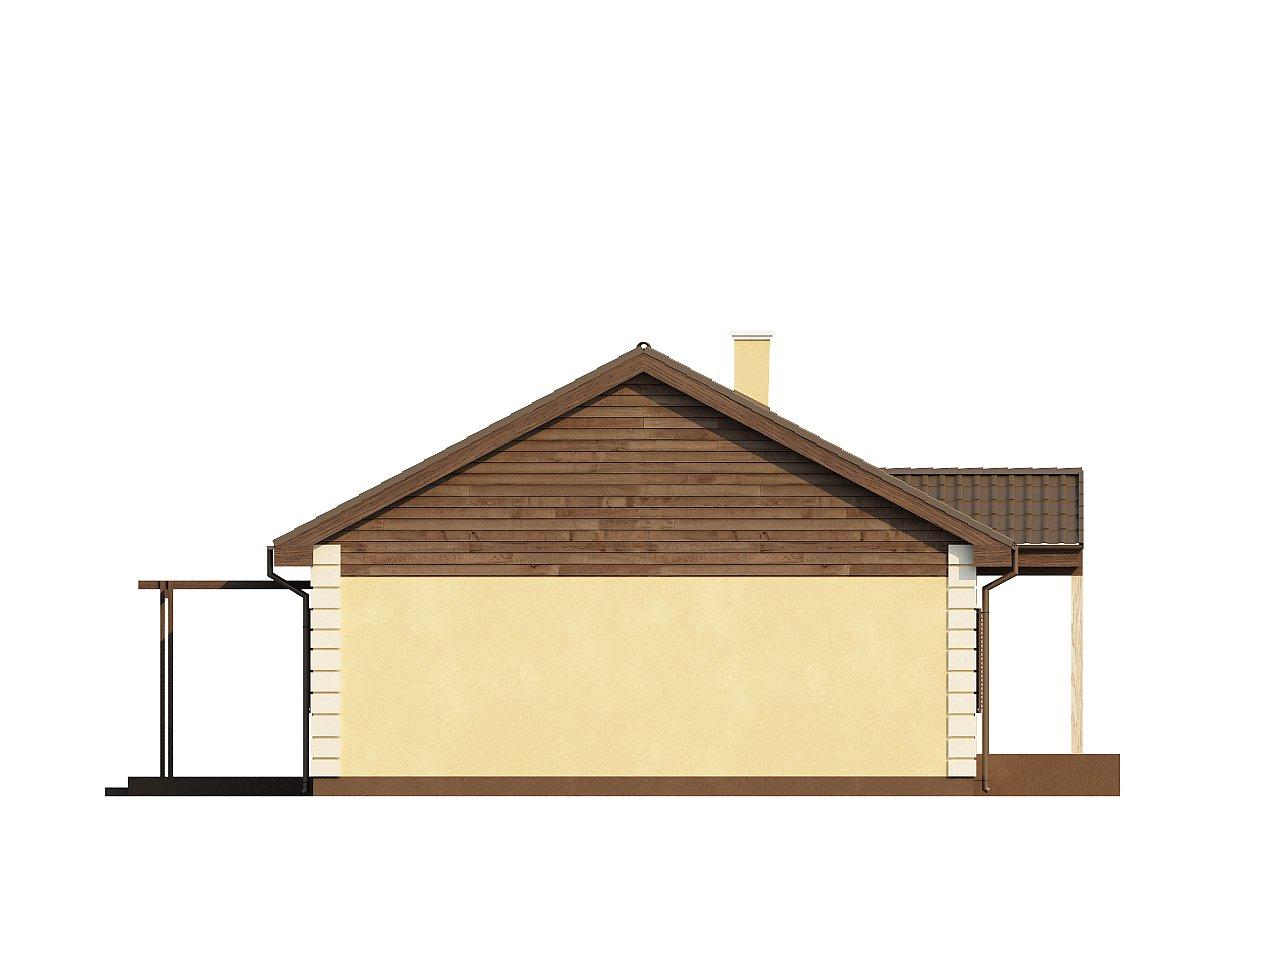 Выгодный и простой в строительстве дом полезной площадью 100 м2. 14